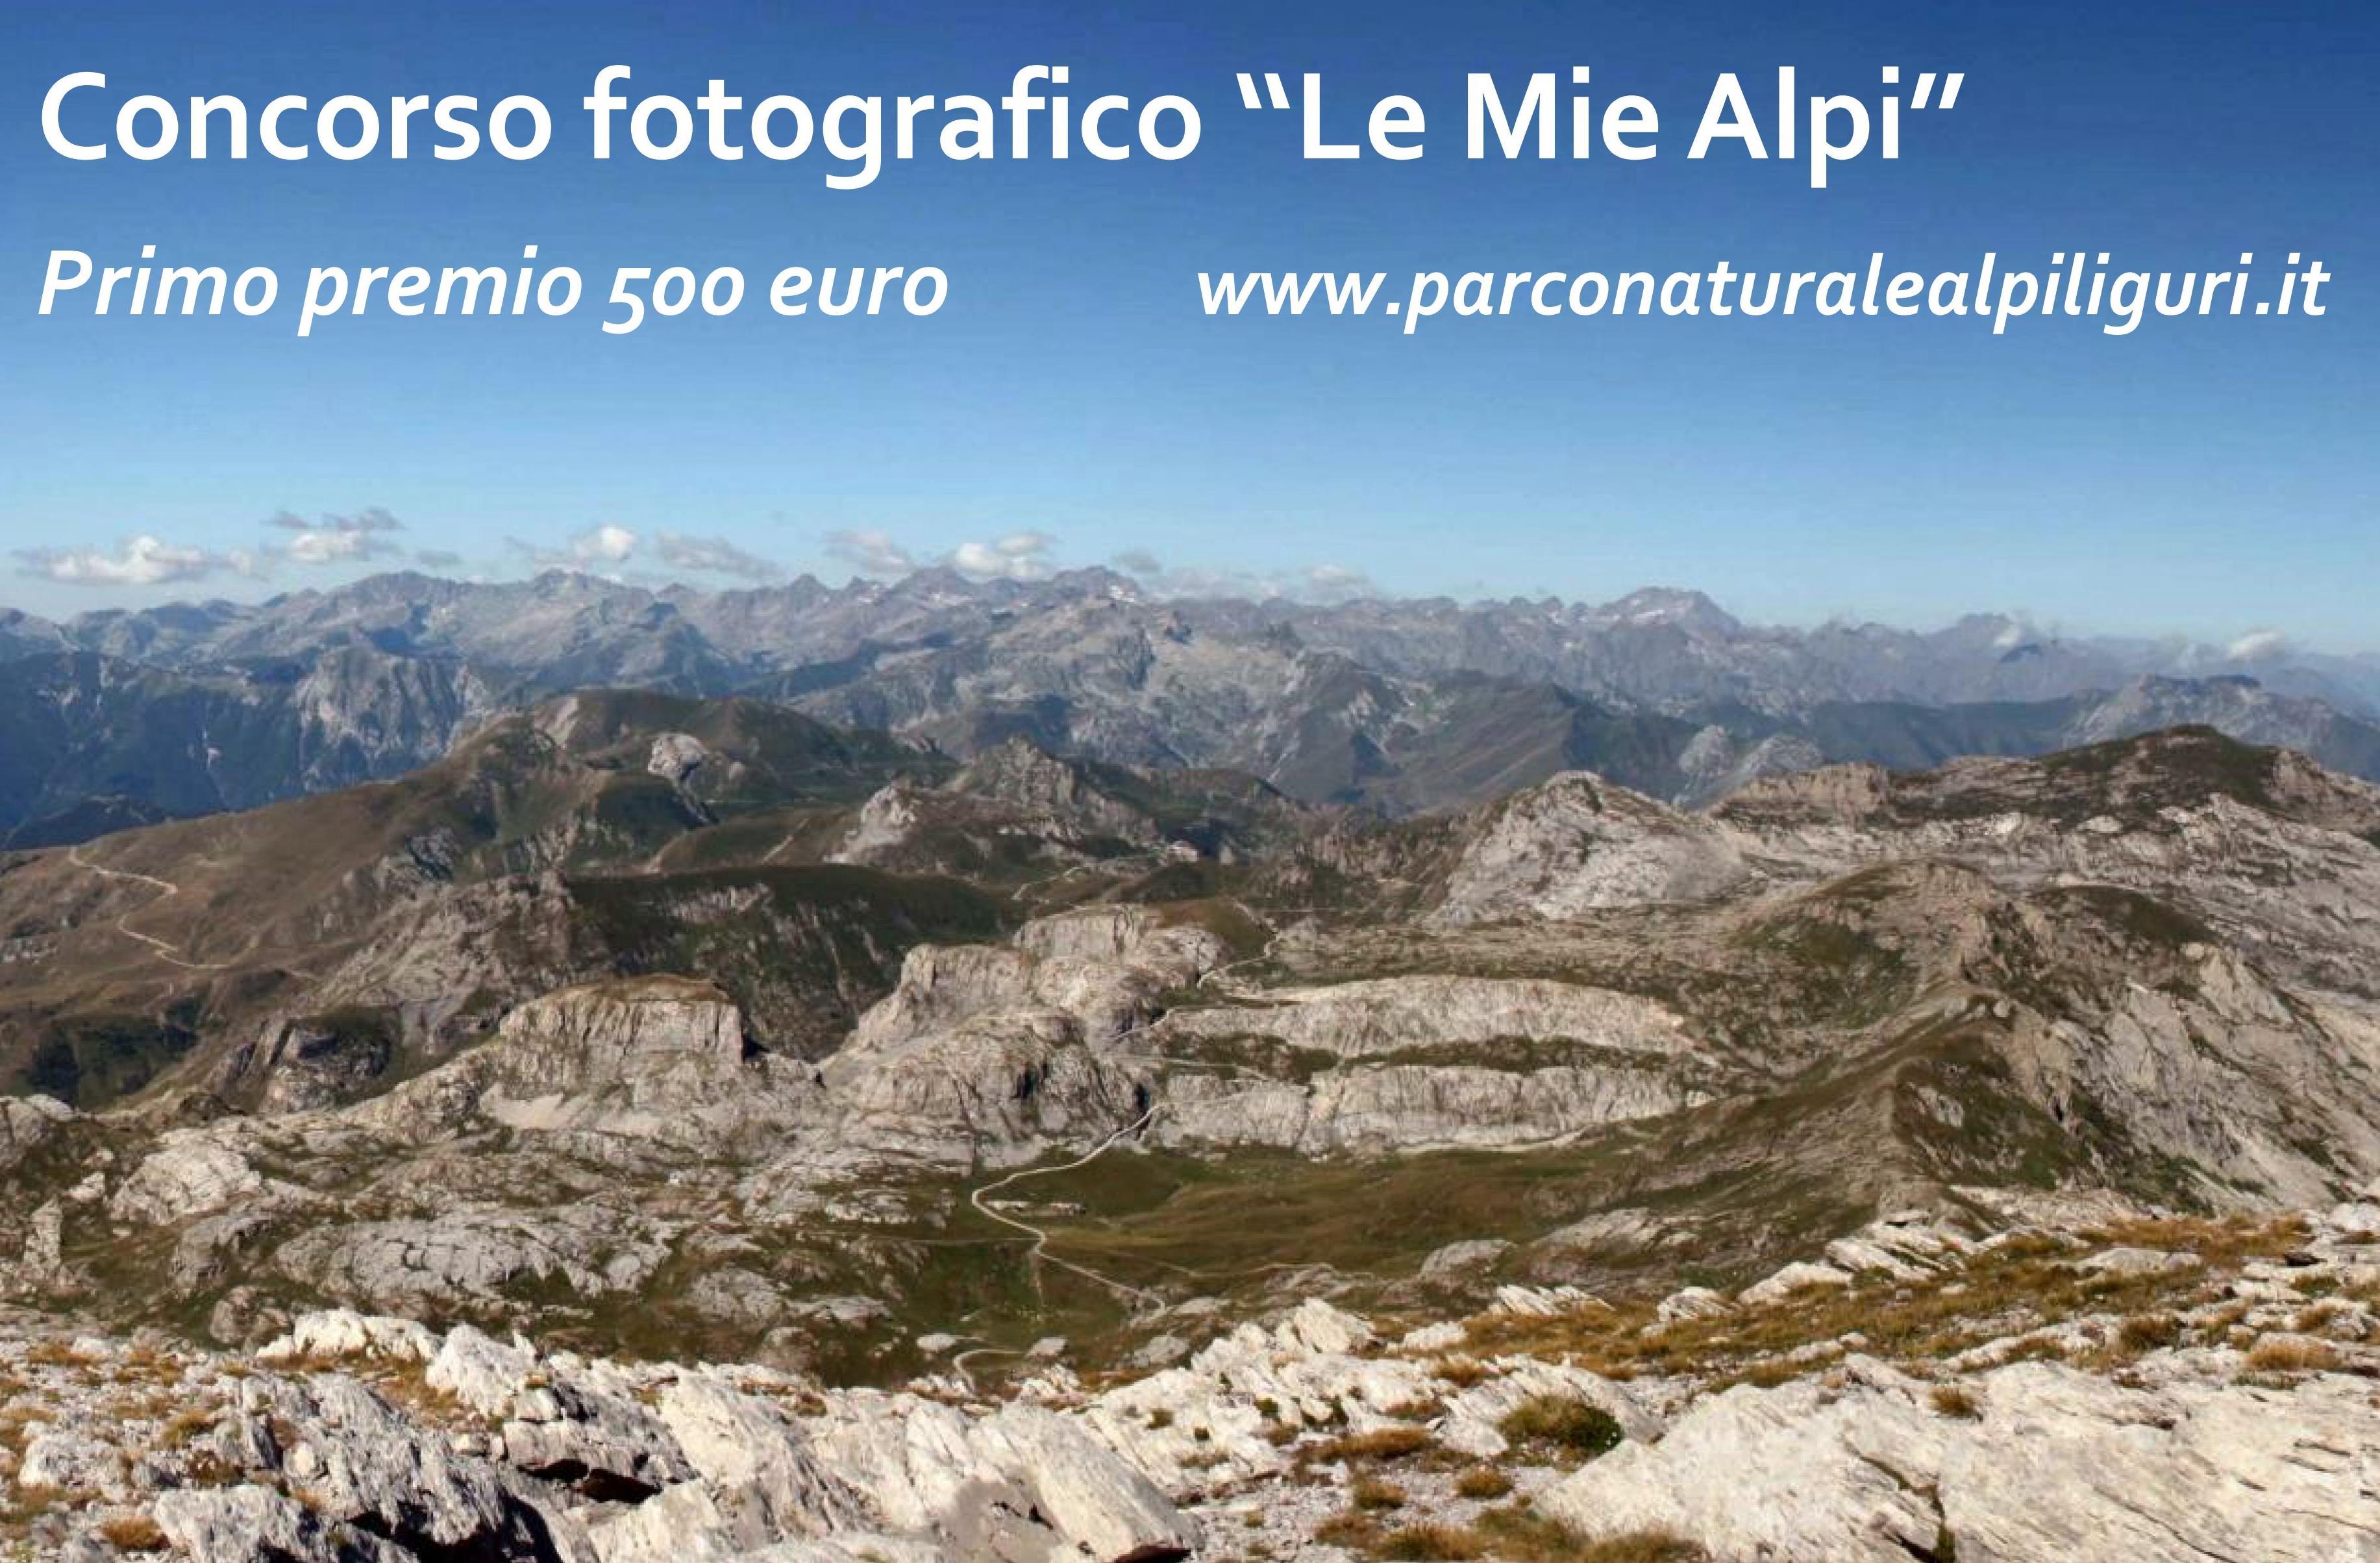 Le-Mie-Alpi-square